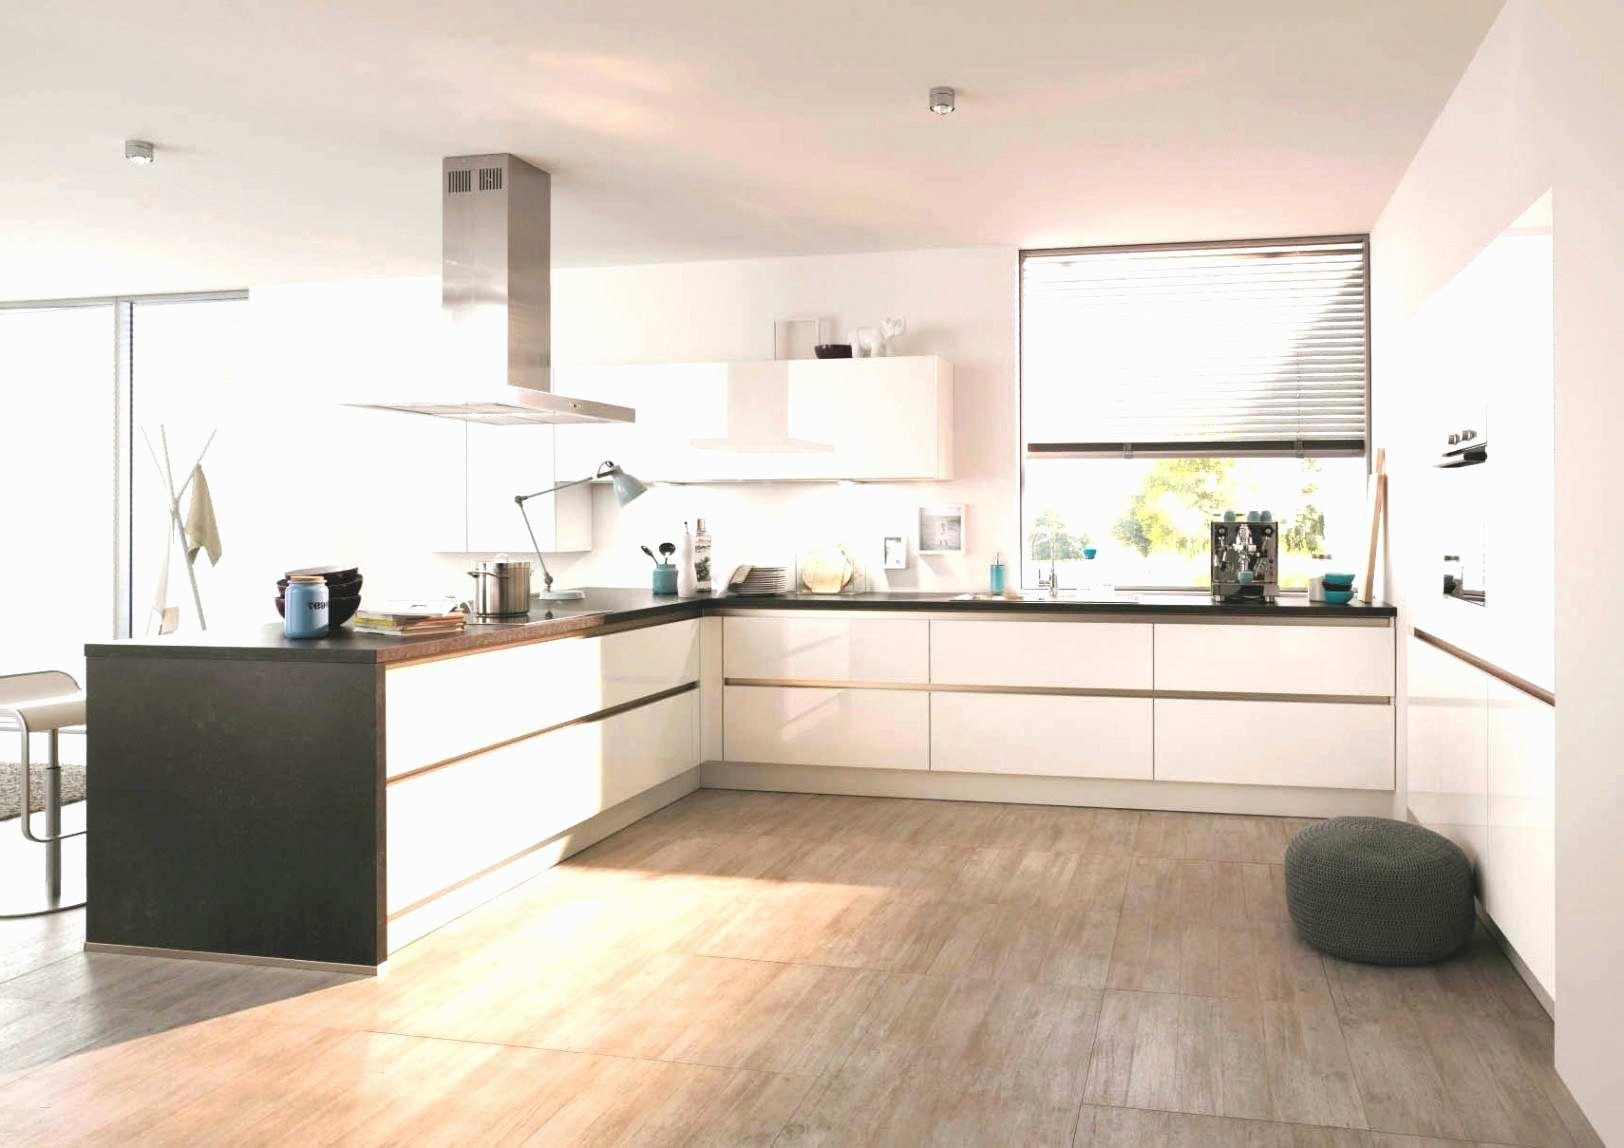 Full Size of Nobilia Küche Blende Sockelblende Küche 4 Meter Küchenarbeitsplatte Blende Küchenblende Boden Entfernen Küche Küche Blende